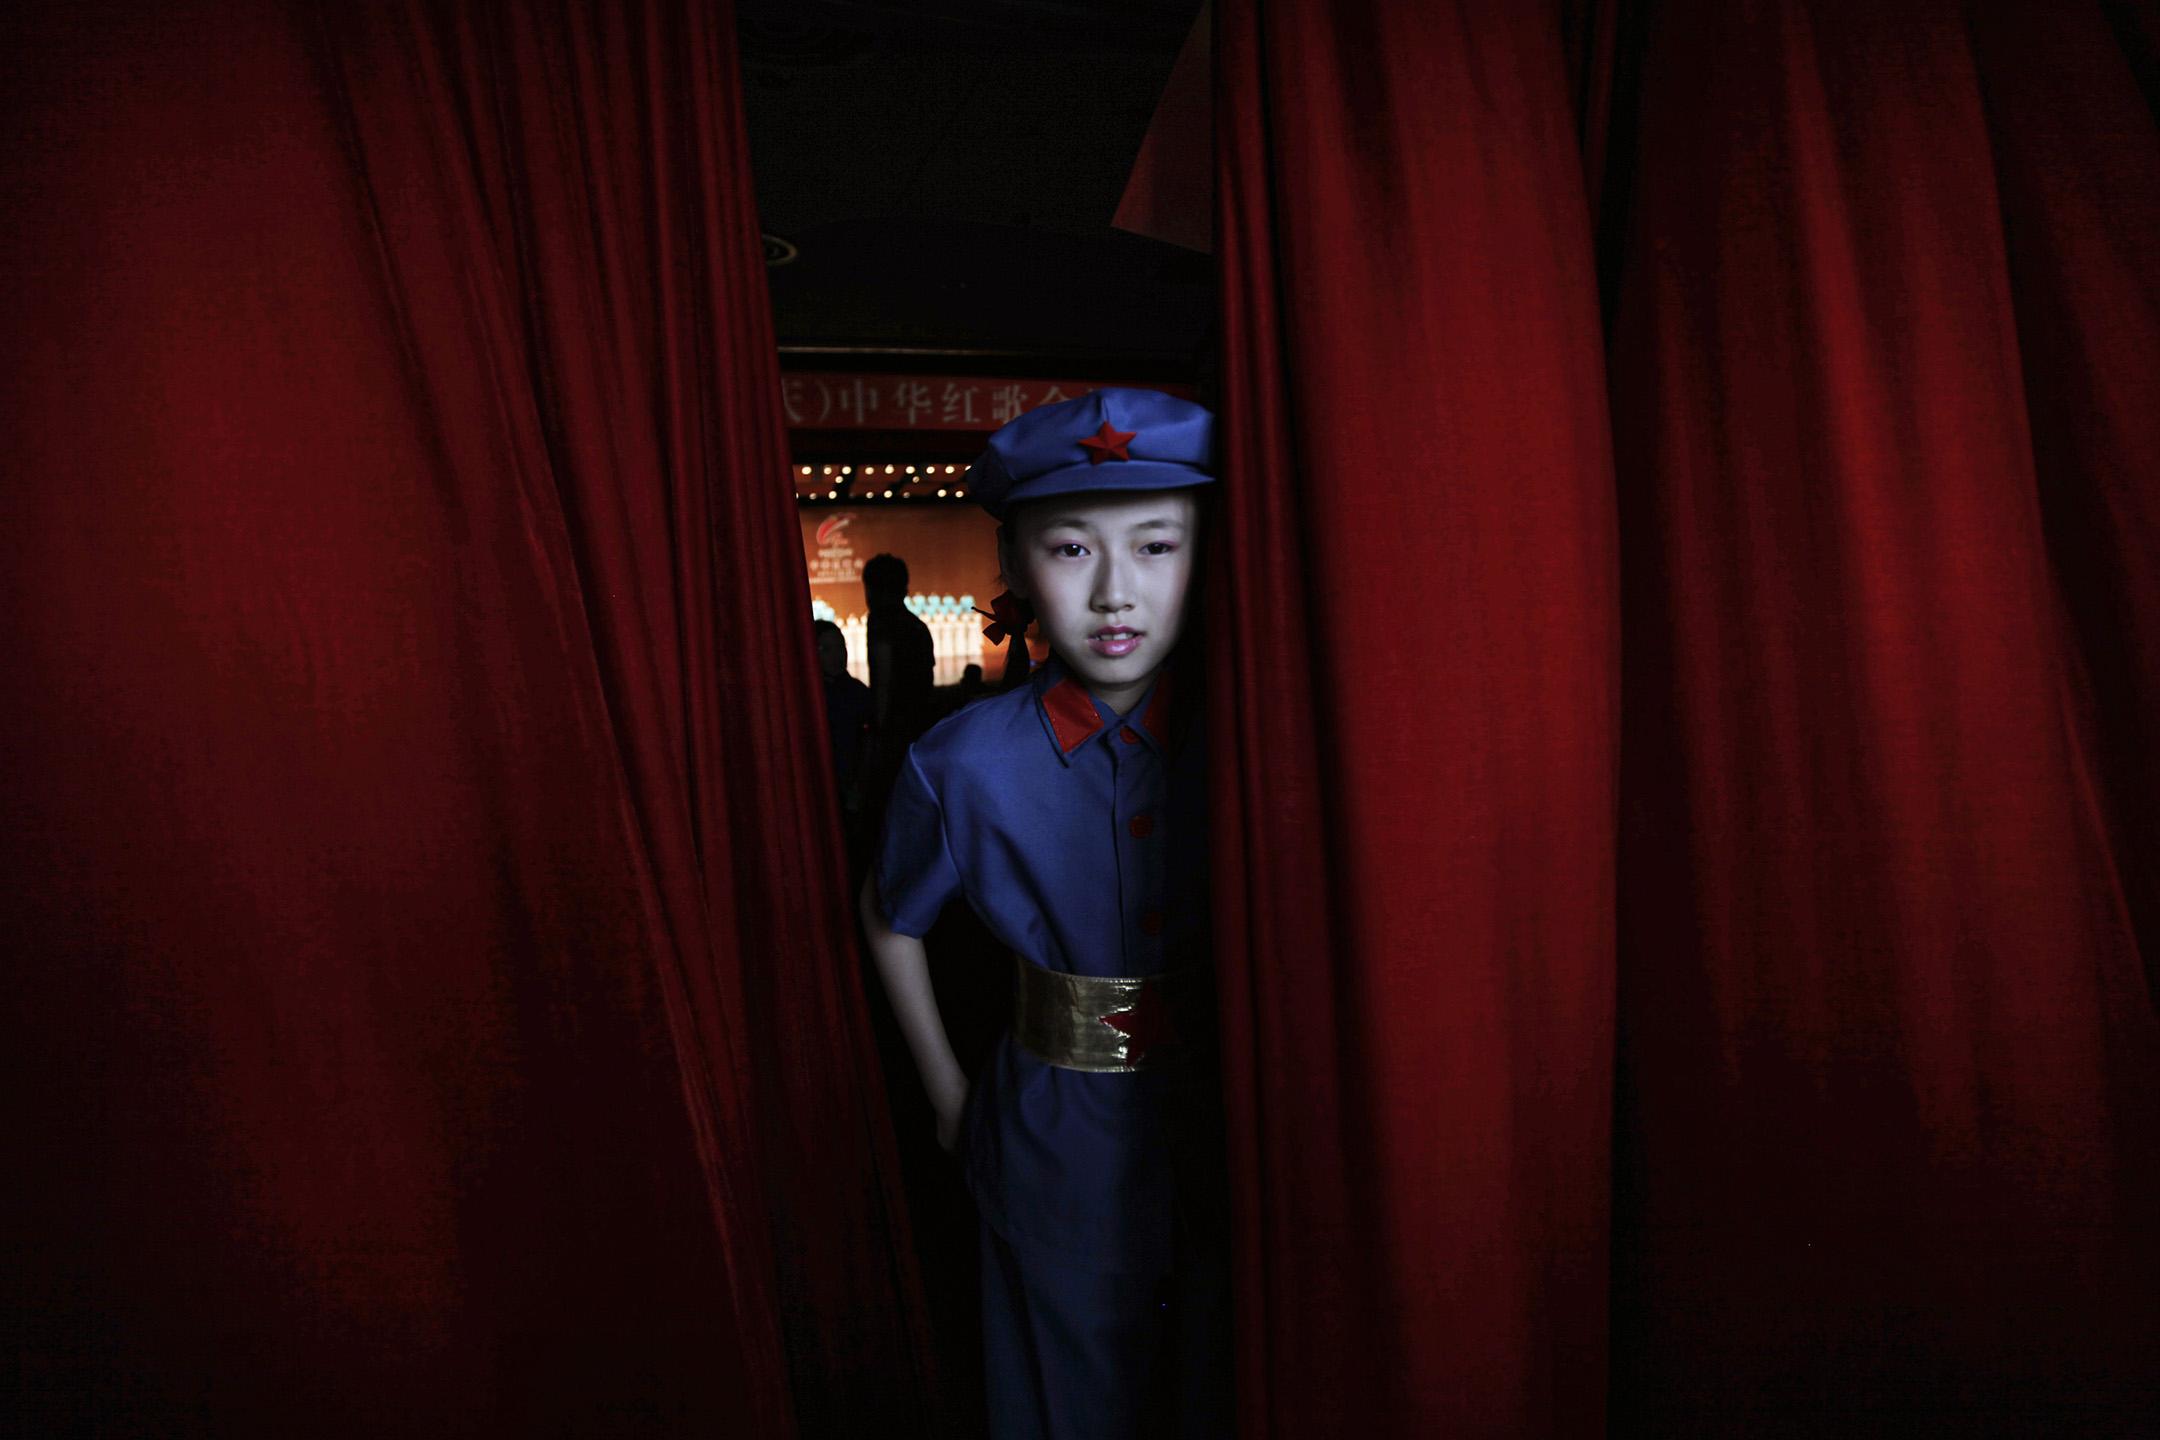 2011年6月30日重慶歌劇院,慶祝中國共產黨成立90週年,一場革命歌唱比賽中,一名身著中國紅軍士兵的女學生躲在紅色的帷幕後。 攝:Jason Lee/Reuters/達志影像